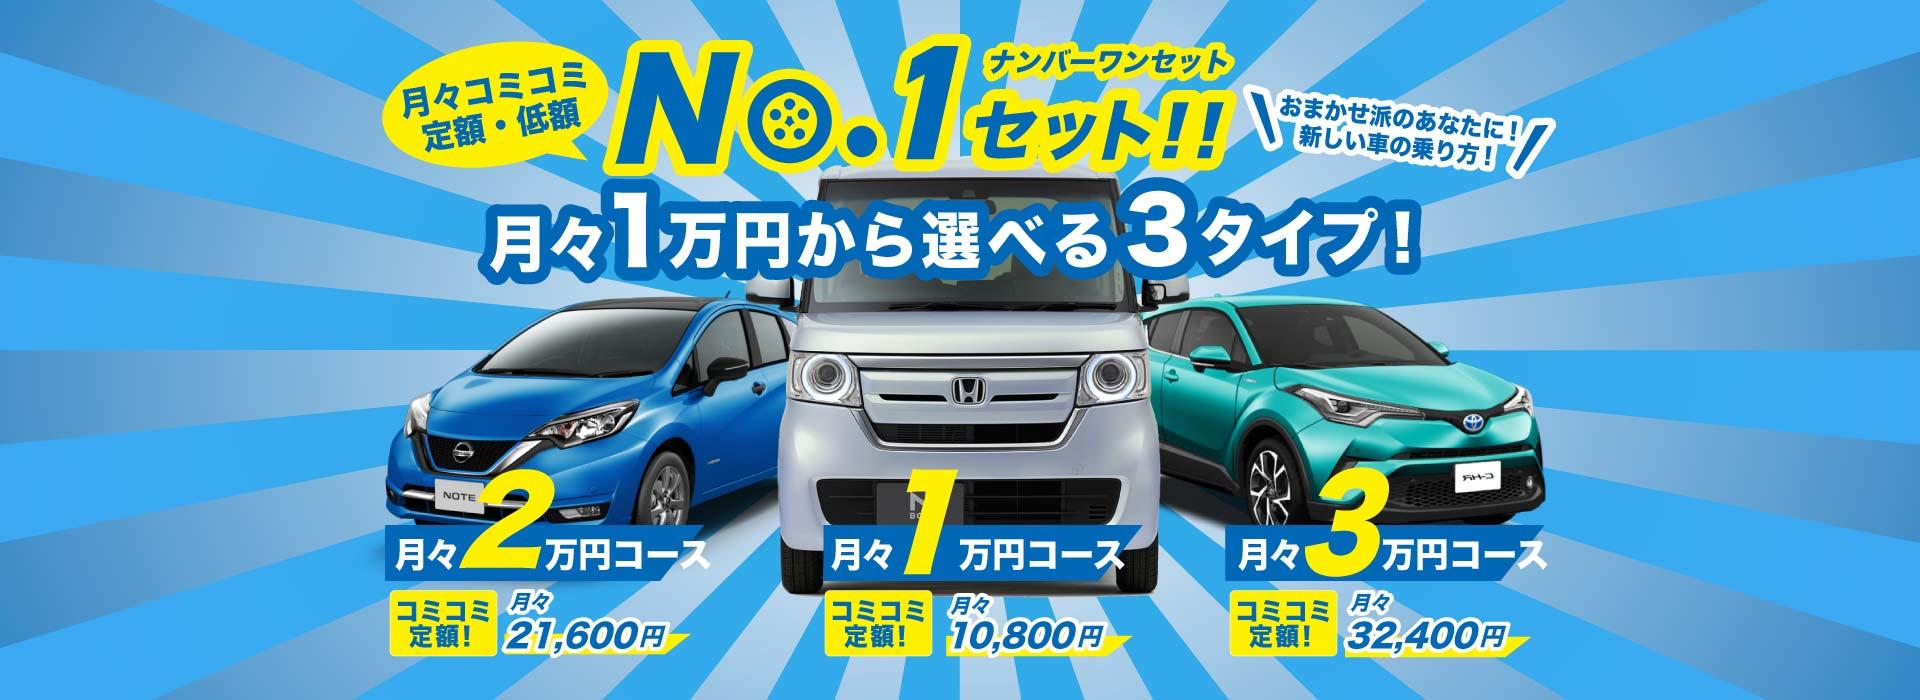 大田原石油店自動車リース